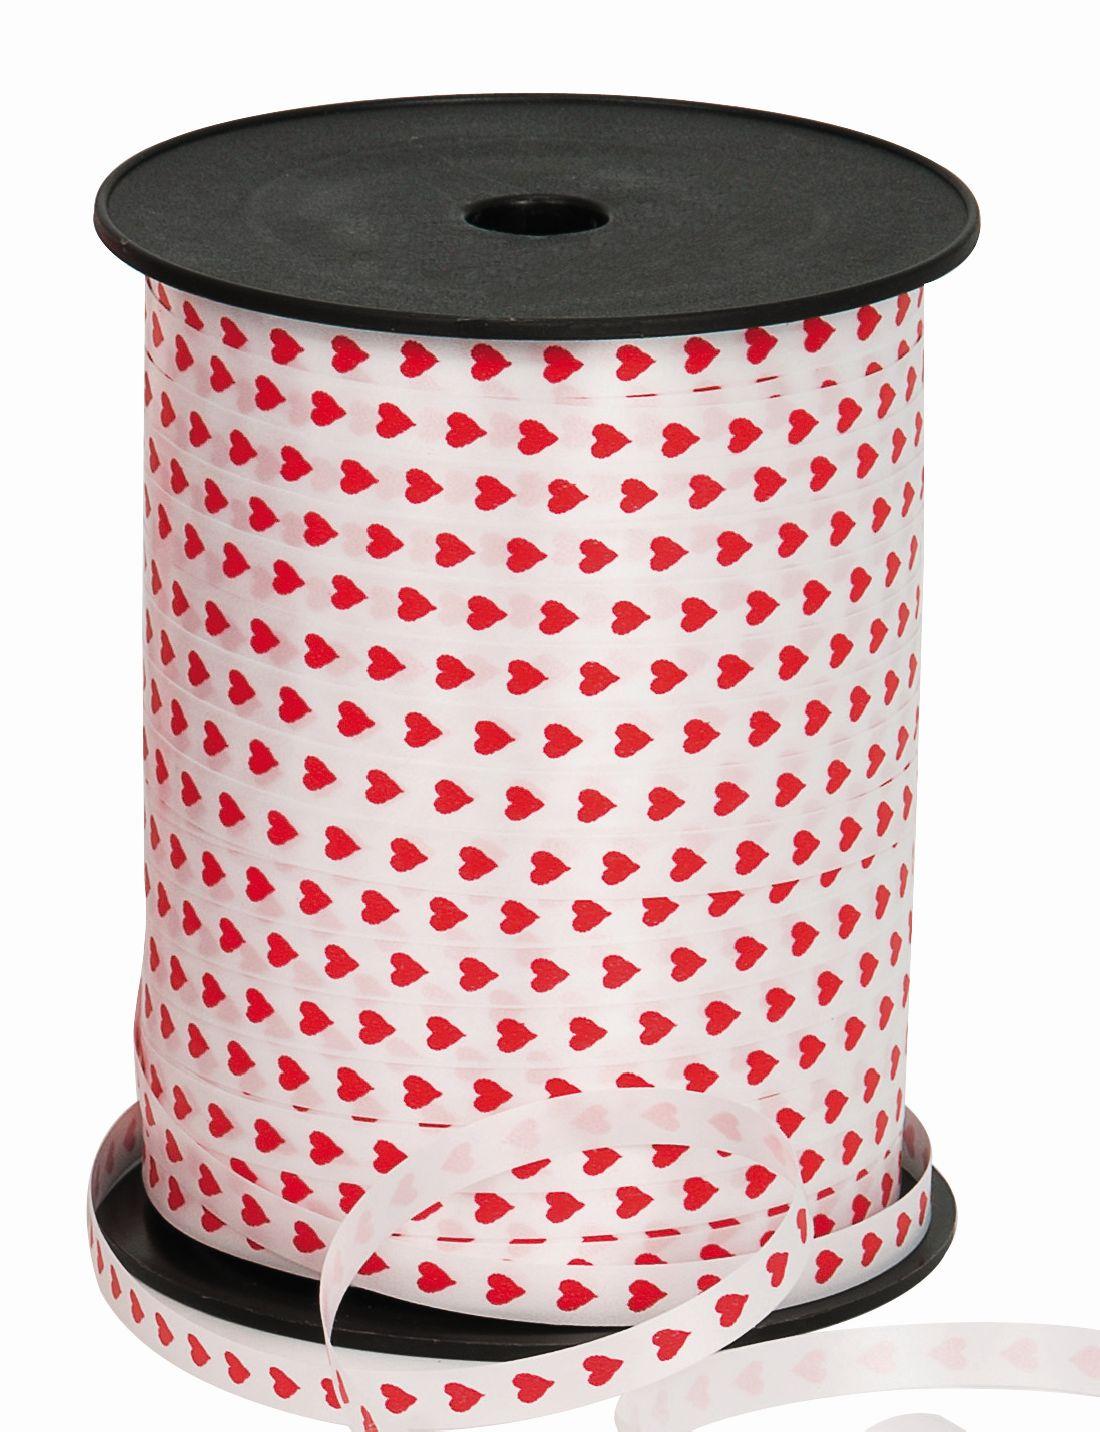 Polyband / Geschenkband Herzband weiss-rot 7mm 250 Meter Ziehband